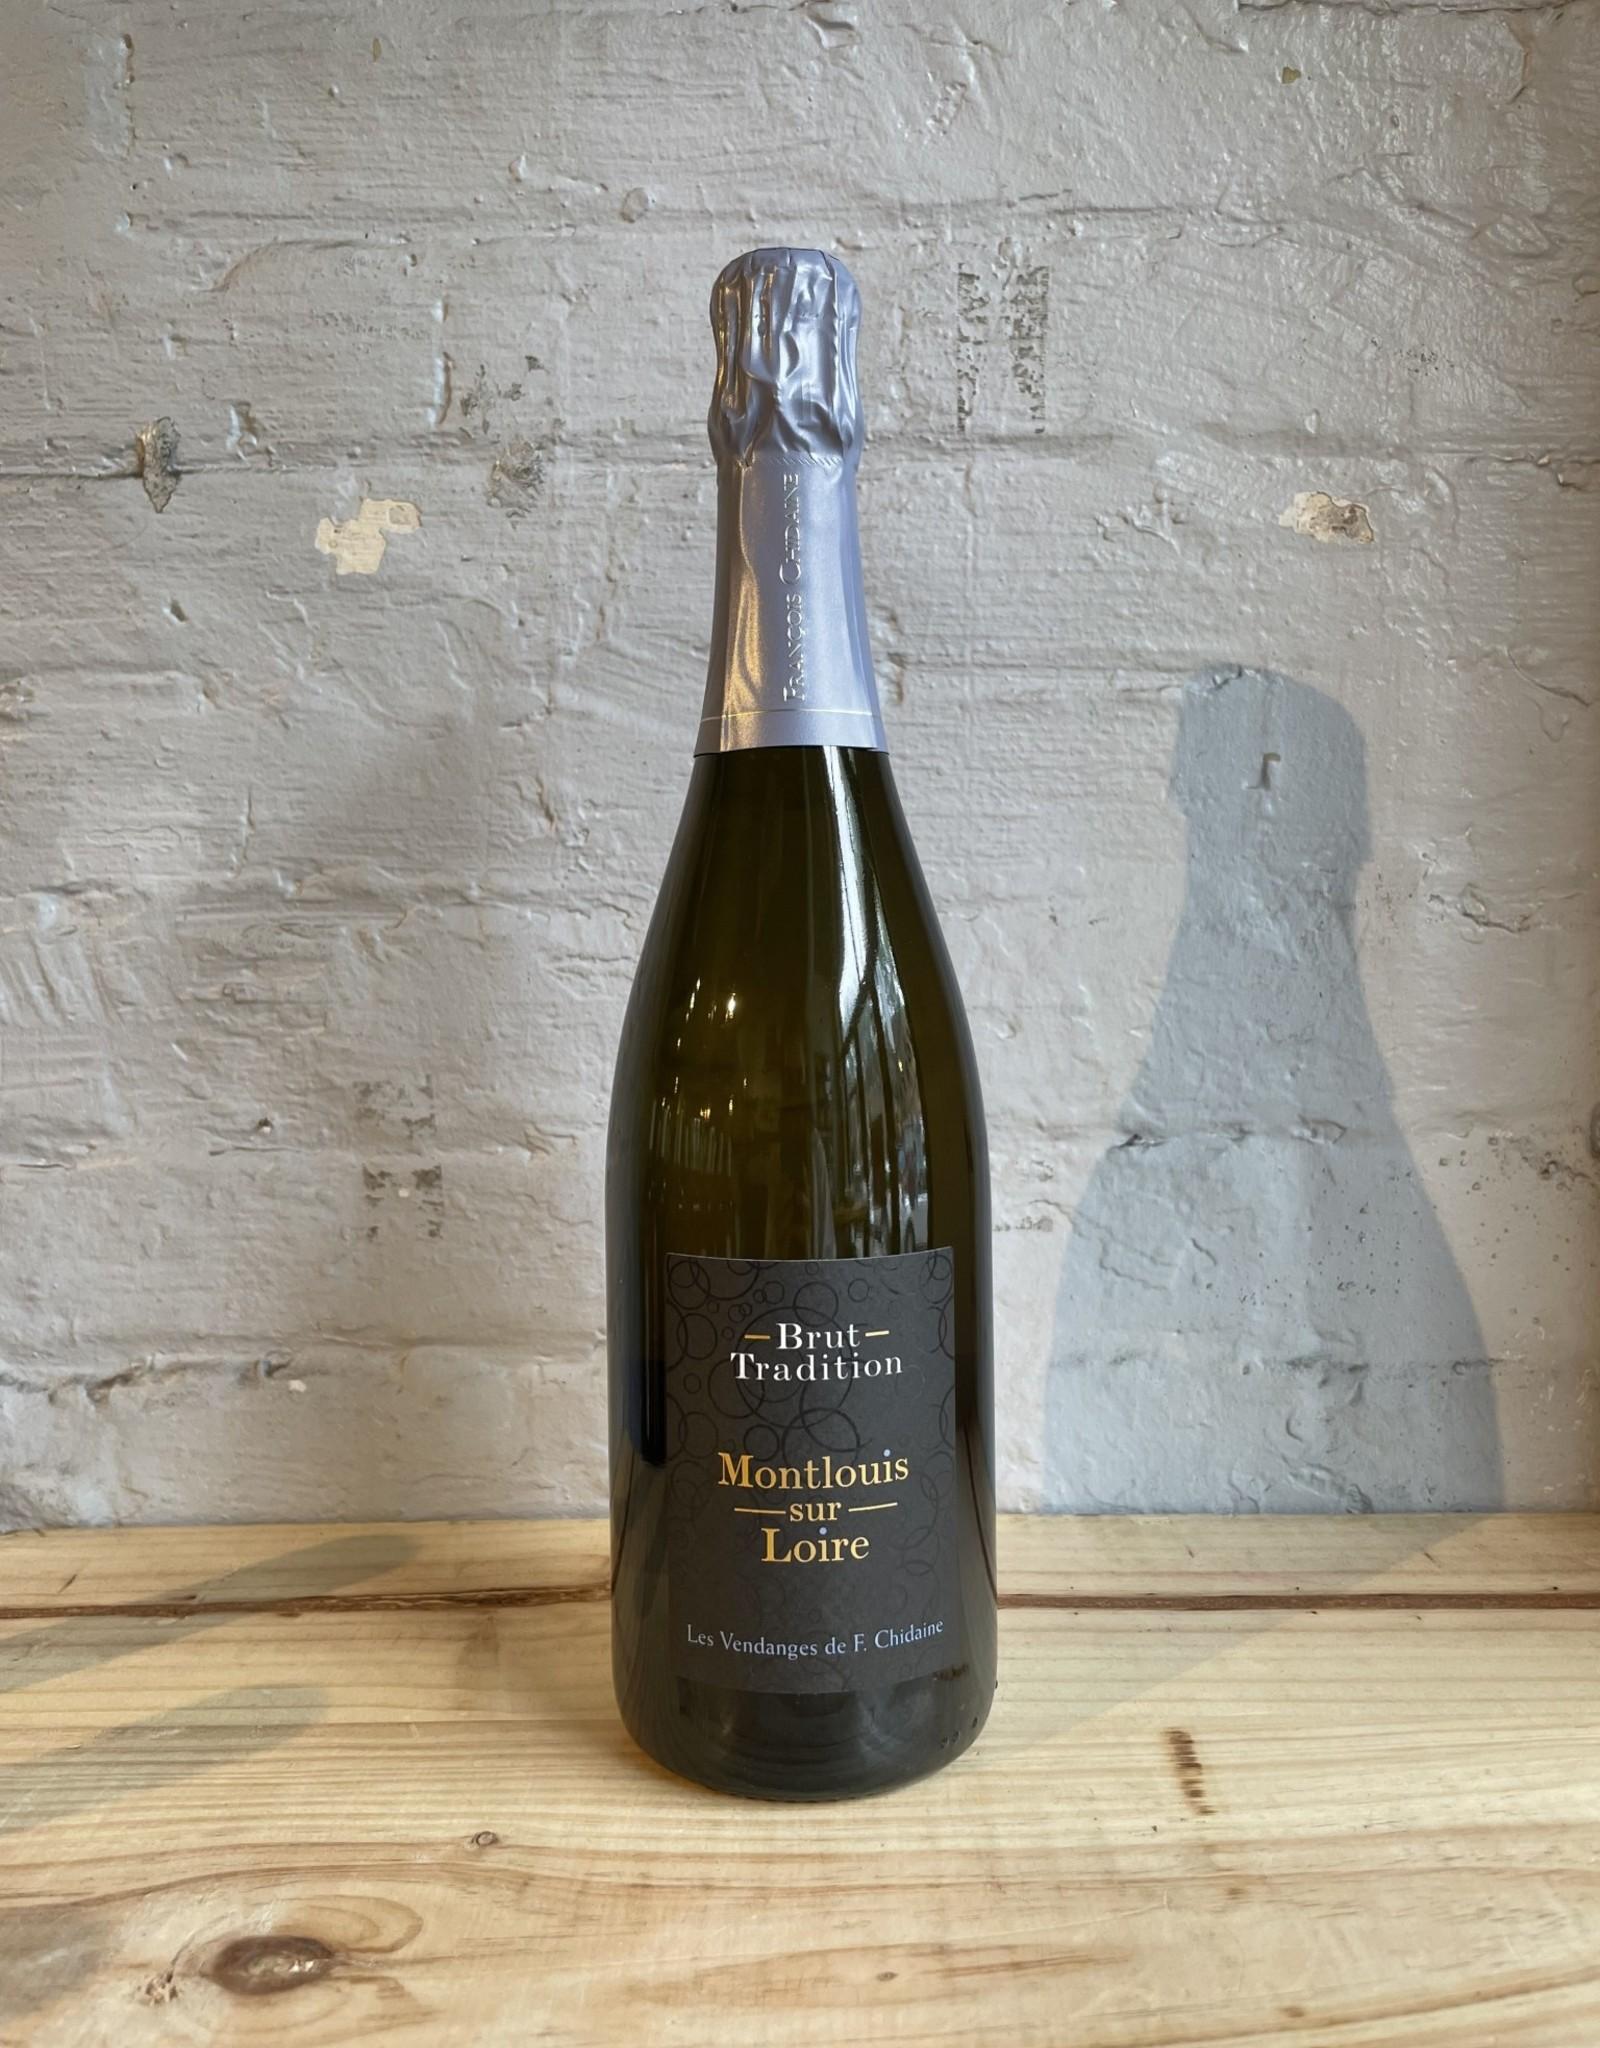 Wine NV Francois Chidaine Montlouis sur Loire Brut Tradition - Loire Valley, France (750ml)